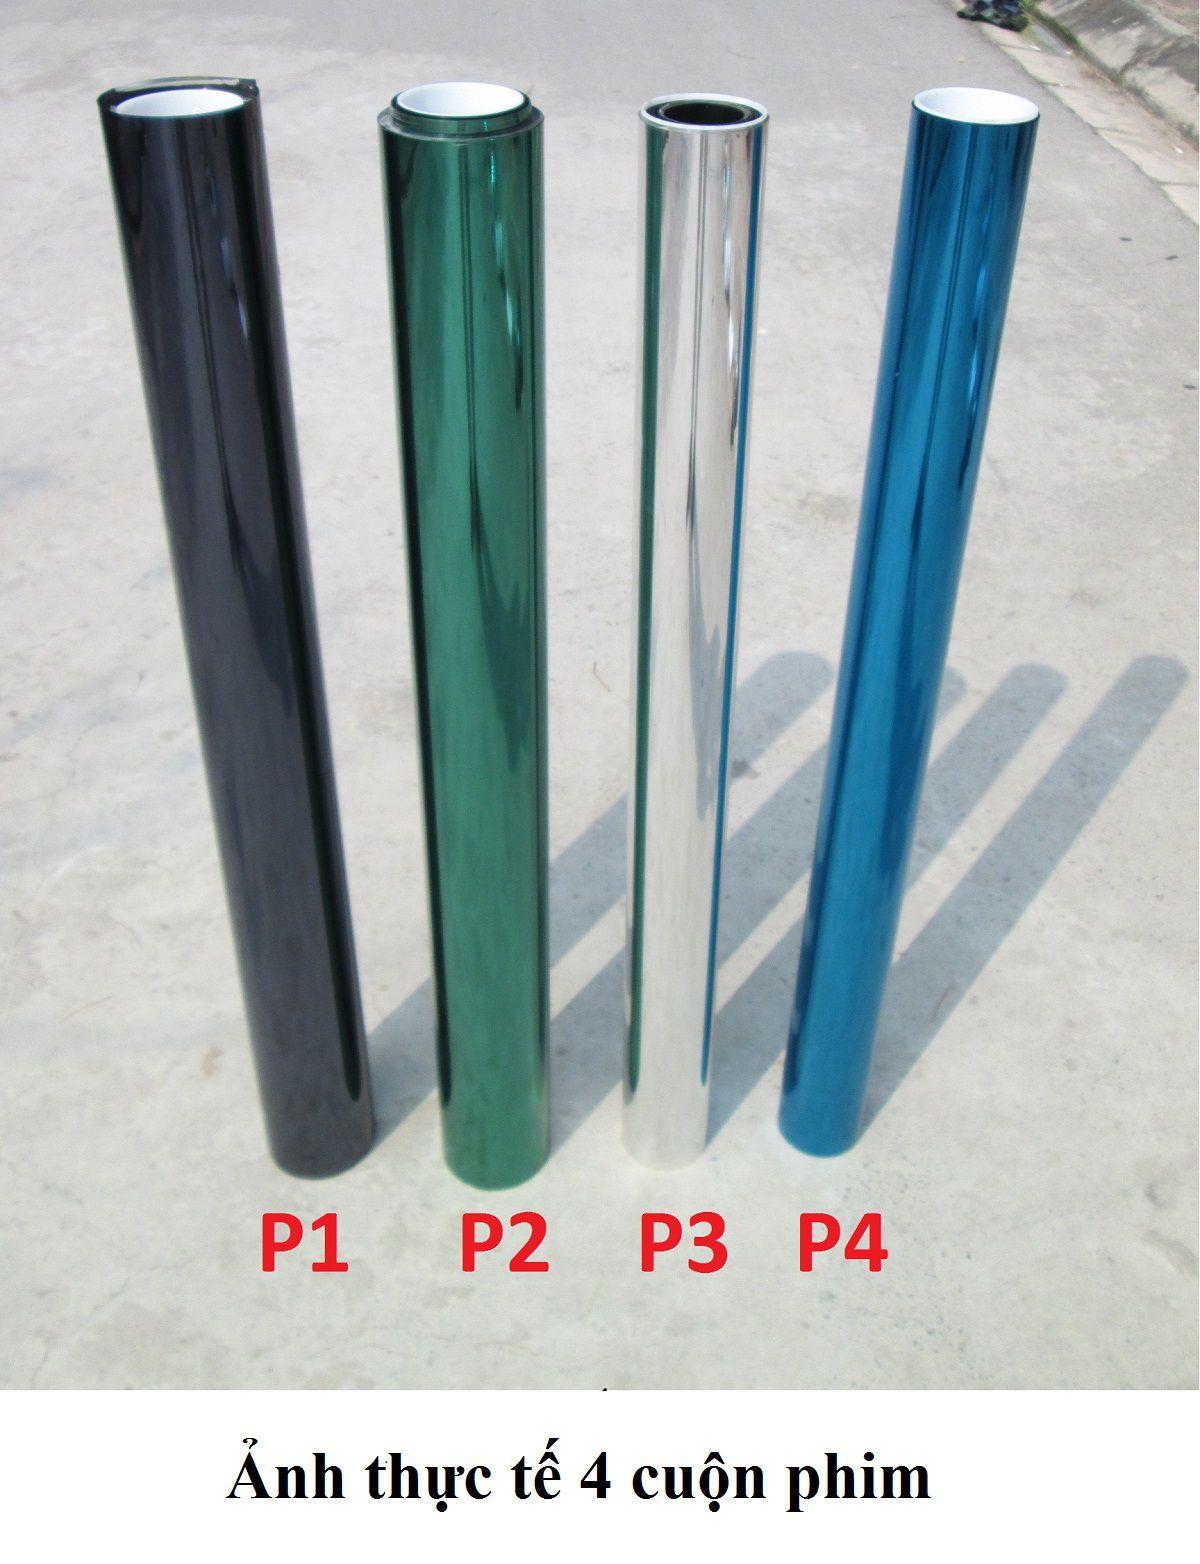 Phim cách nhiệt phản quang Đài Loan gồm 4 màu lần lượt là P1, P2, P3 và P4